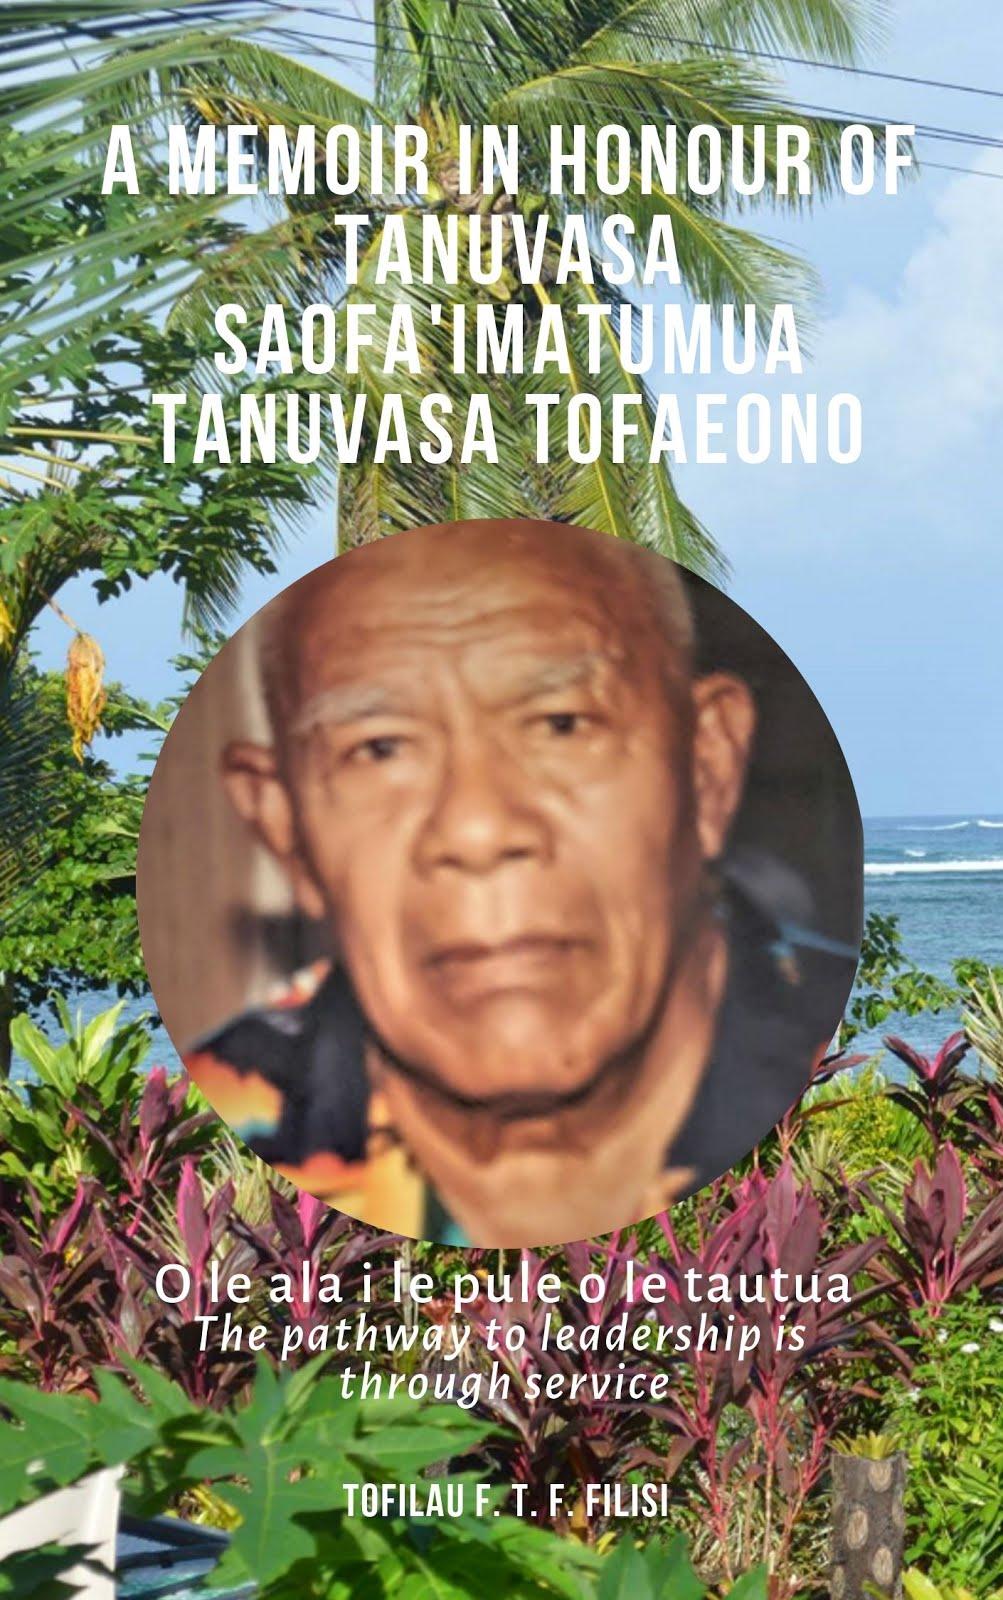 A memoir in honour of Tanuvasa Saofa'imatumua Tanuvasa Tofaeono